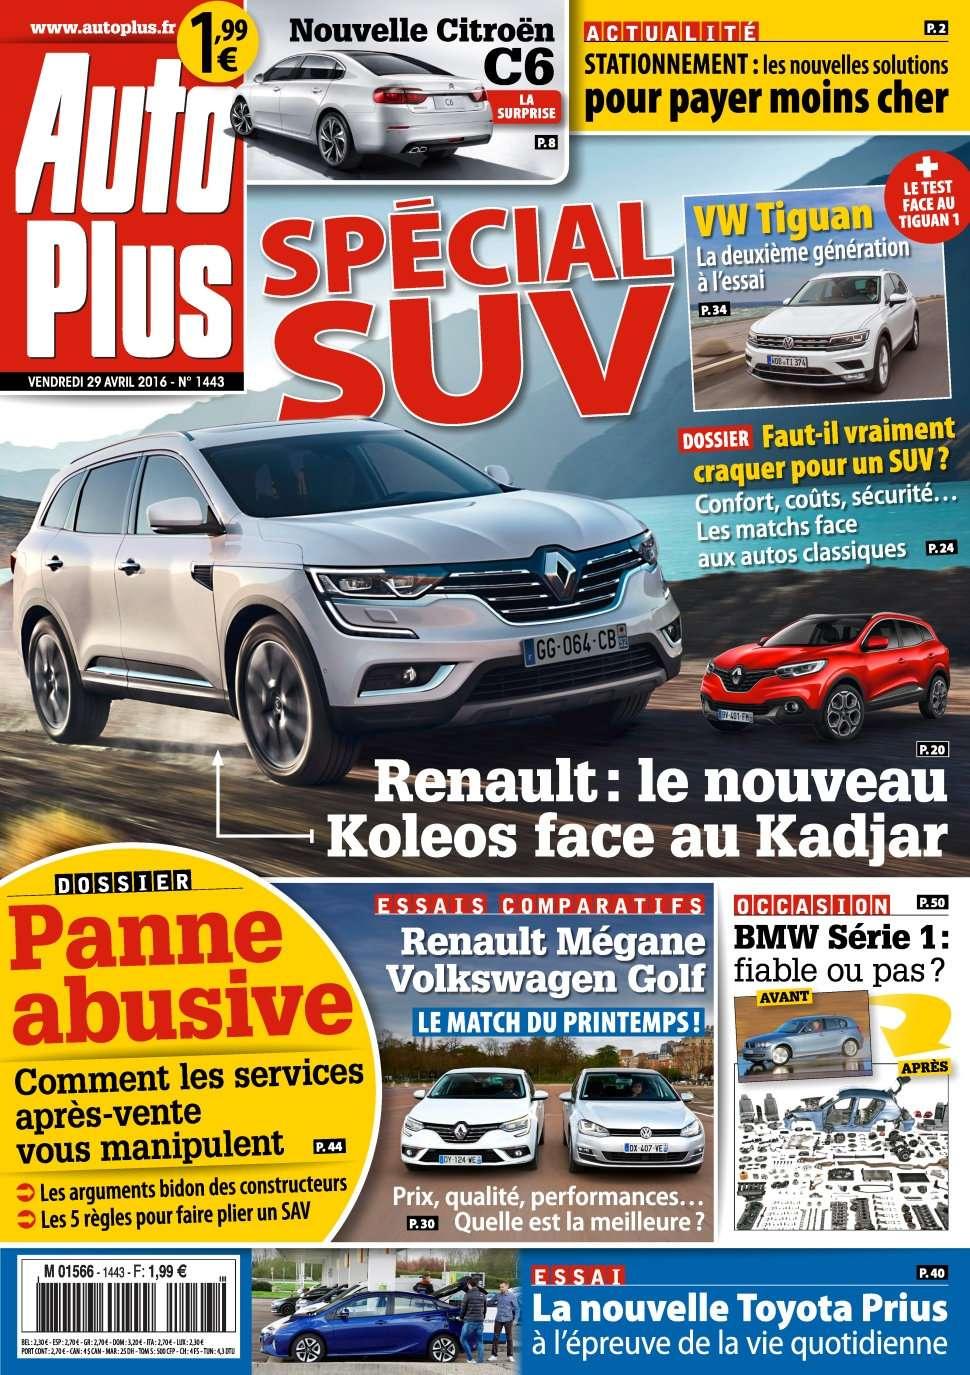 Auto Plus 1443 - 29 Avril au 5 Mai 2016